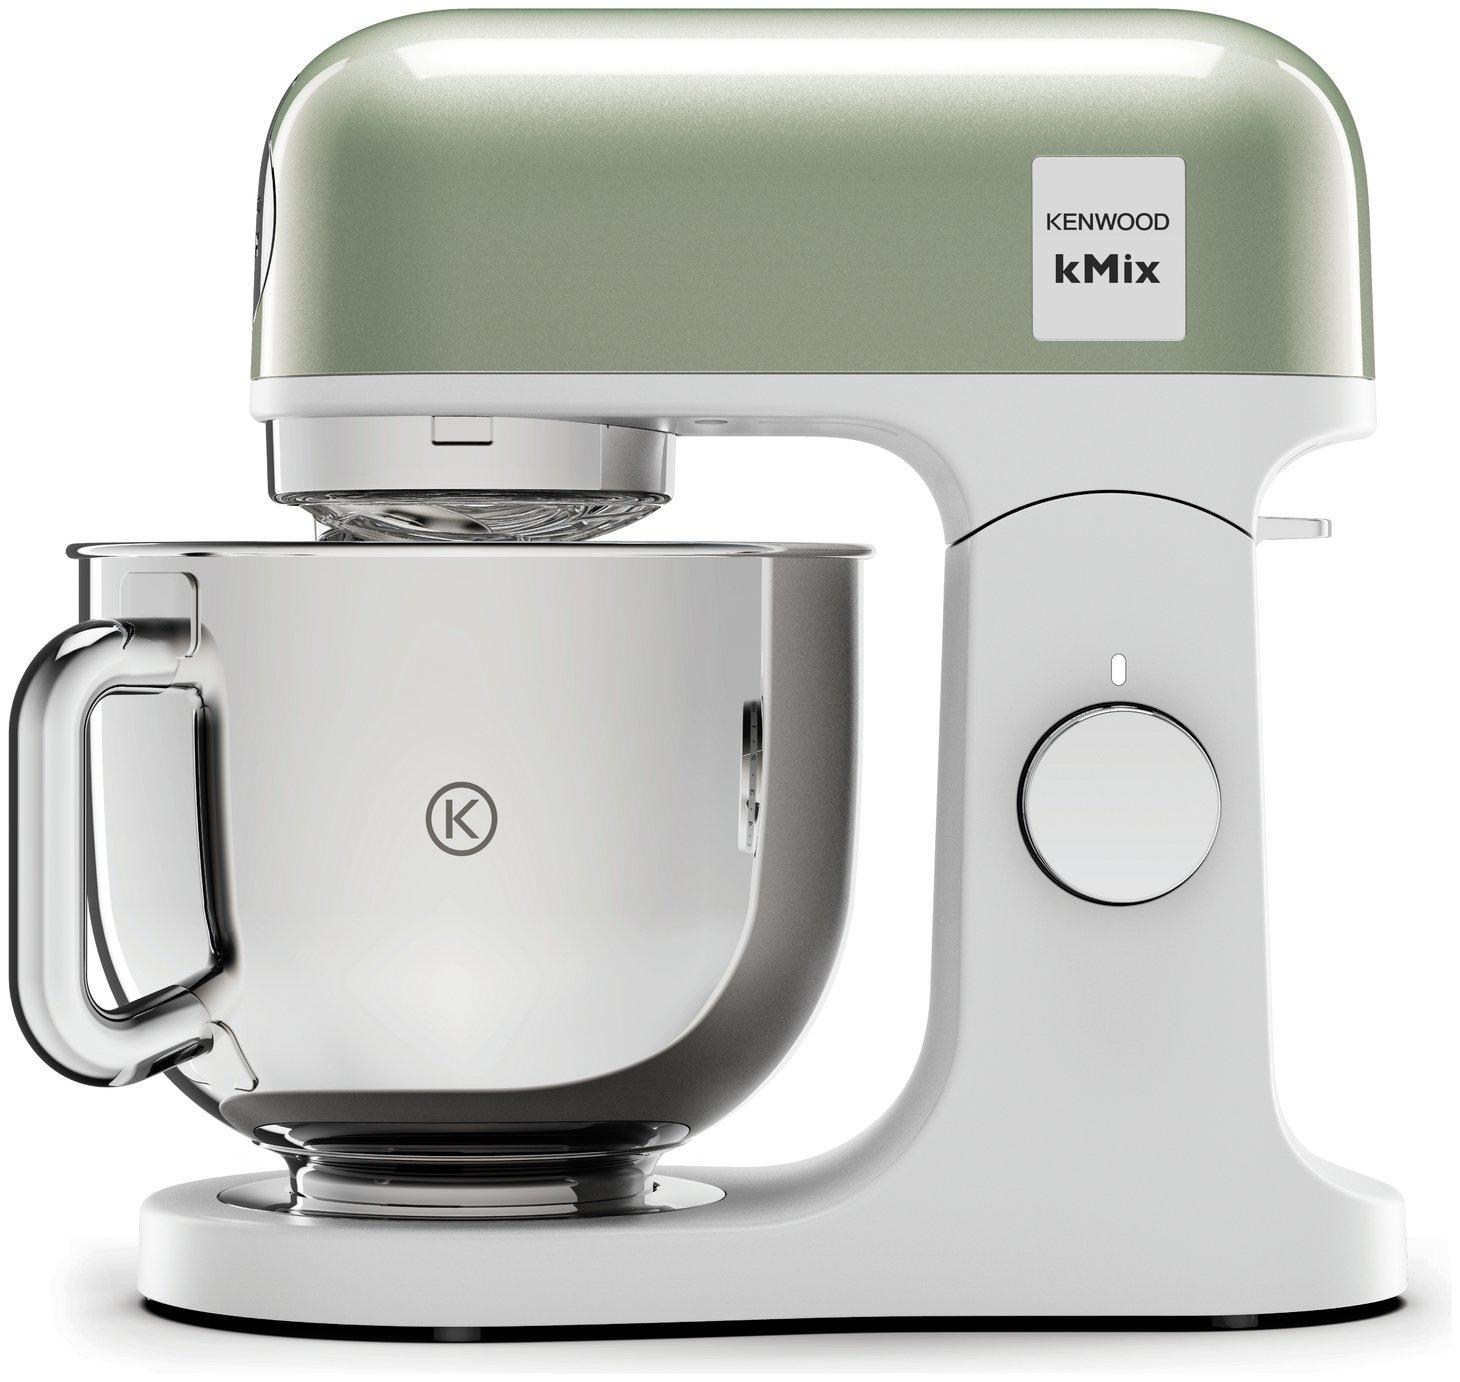 Kenwood KMX760GR kMix Stand Mixer - Green